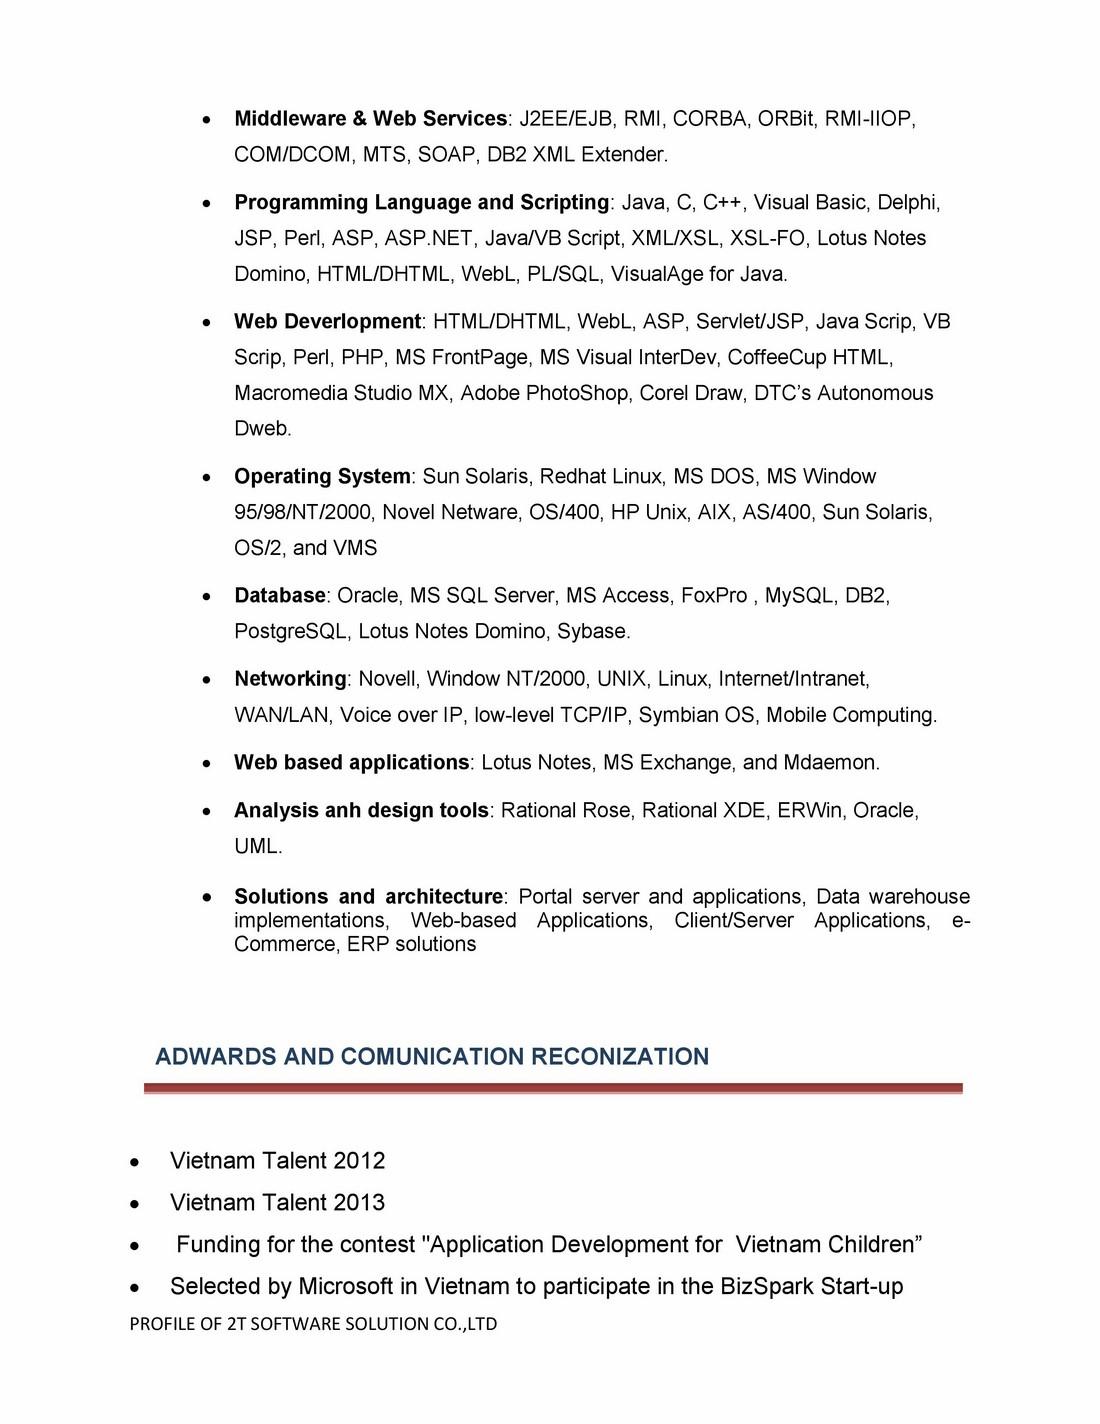 2TS Profile_eng-page-012 (Copy)